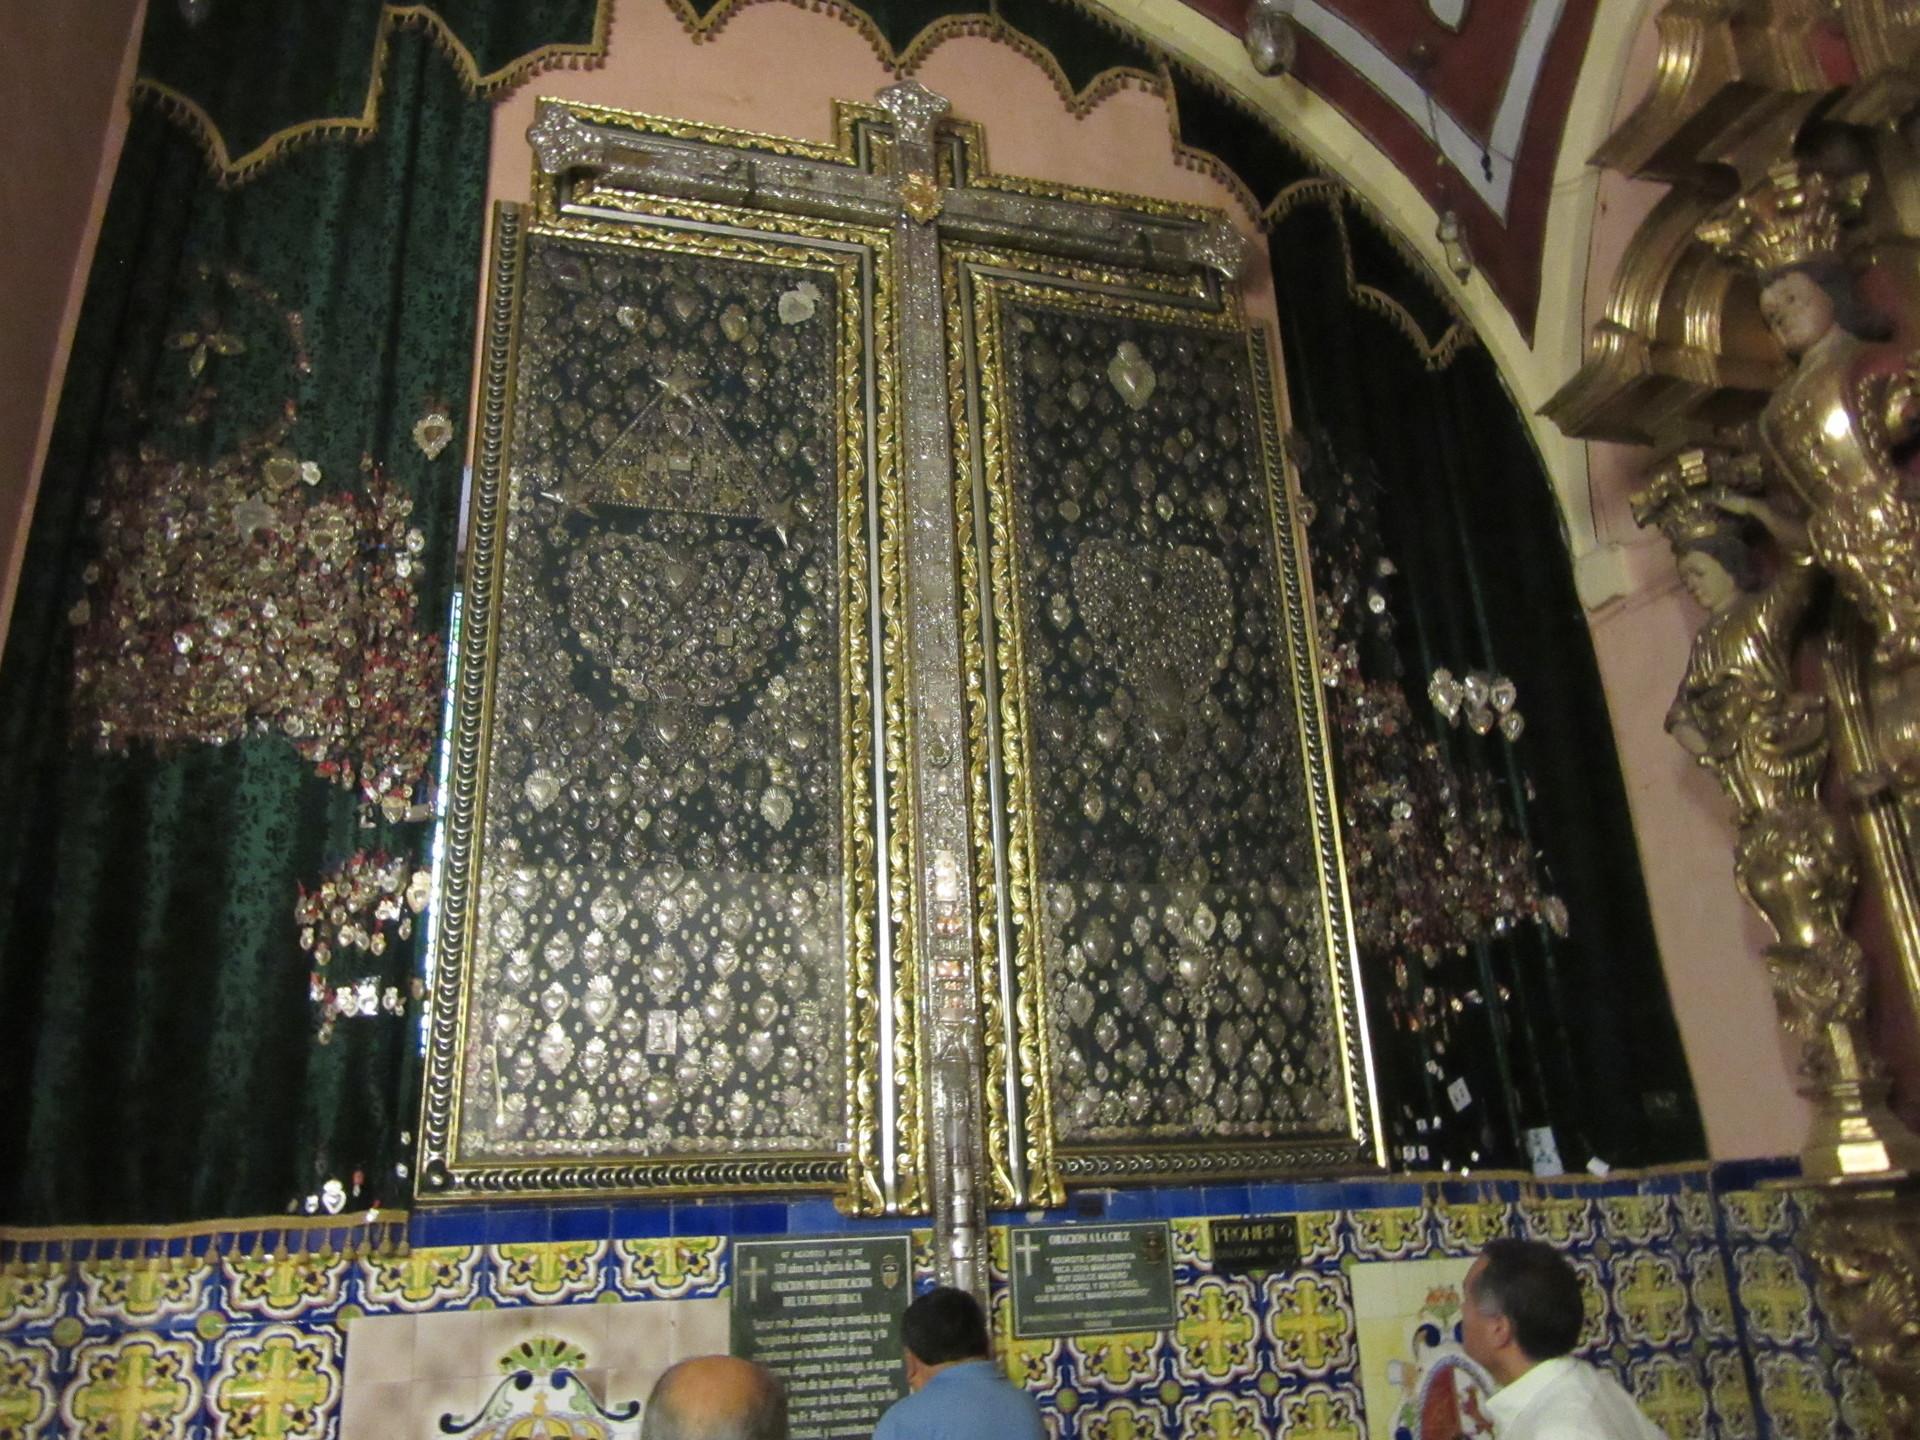 una-church-mas-481-anos-e81226dc85b8b4c